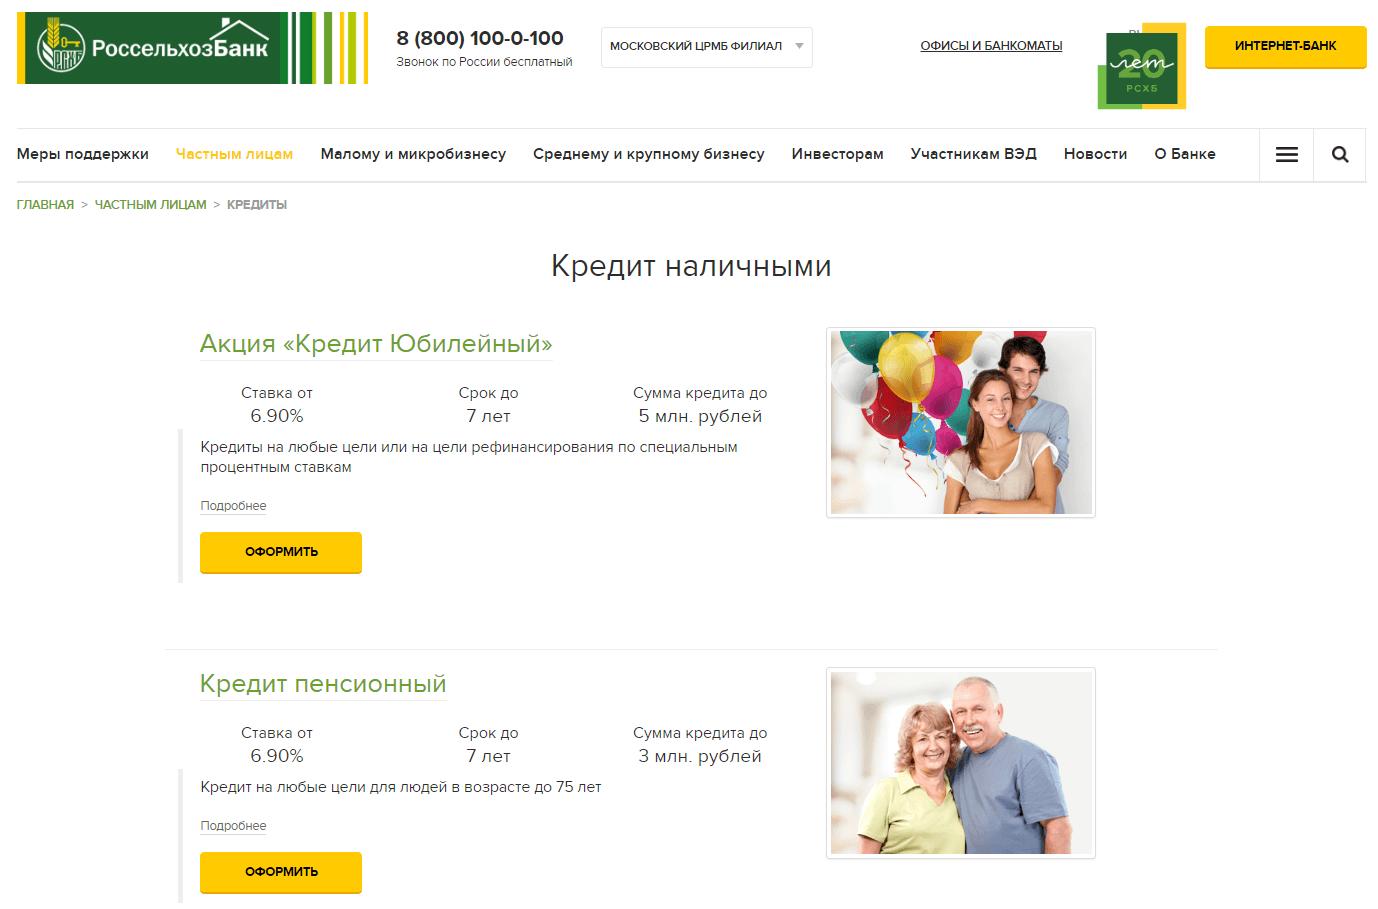 подать заявку на кредит во все банки челябинска онлайн кредитная карта онлайн заявка оформить москва